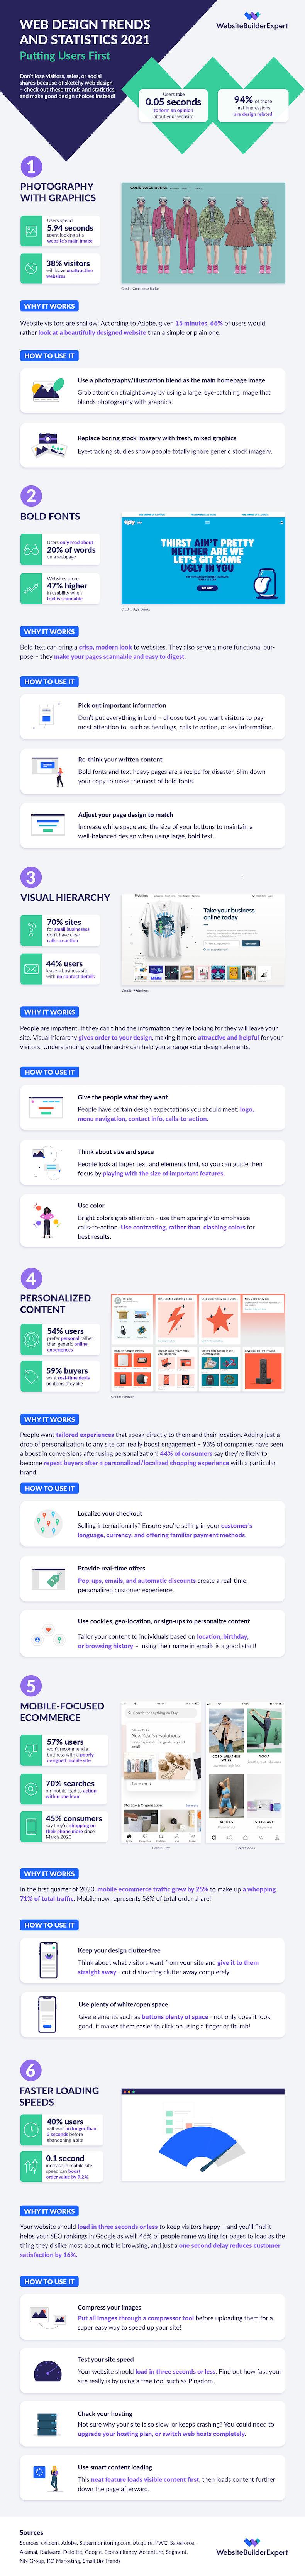 090221-infographic-websitebuilder-stats (1)